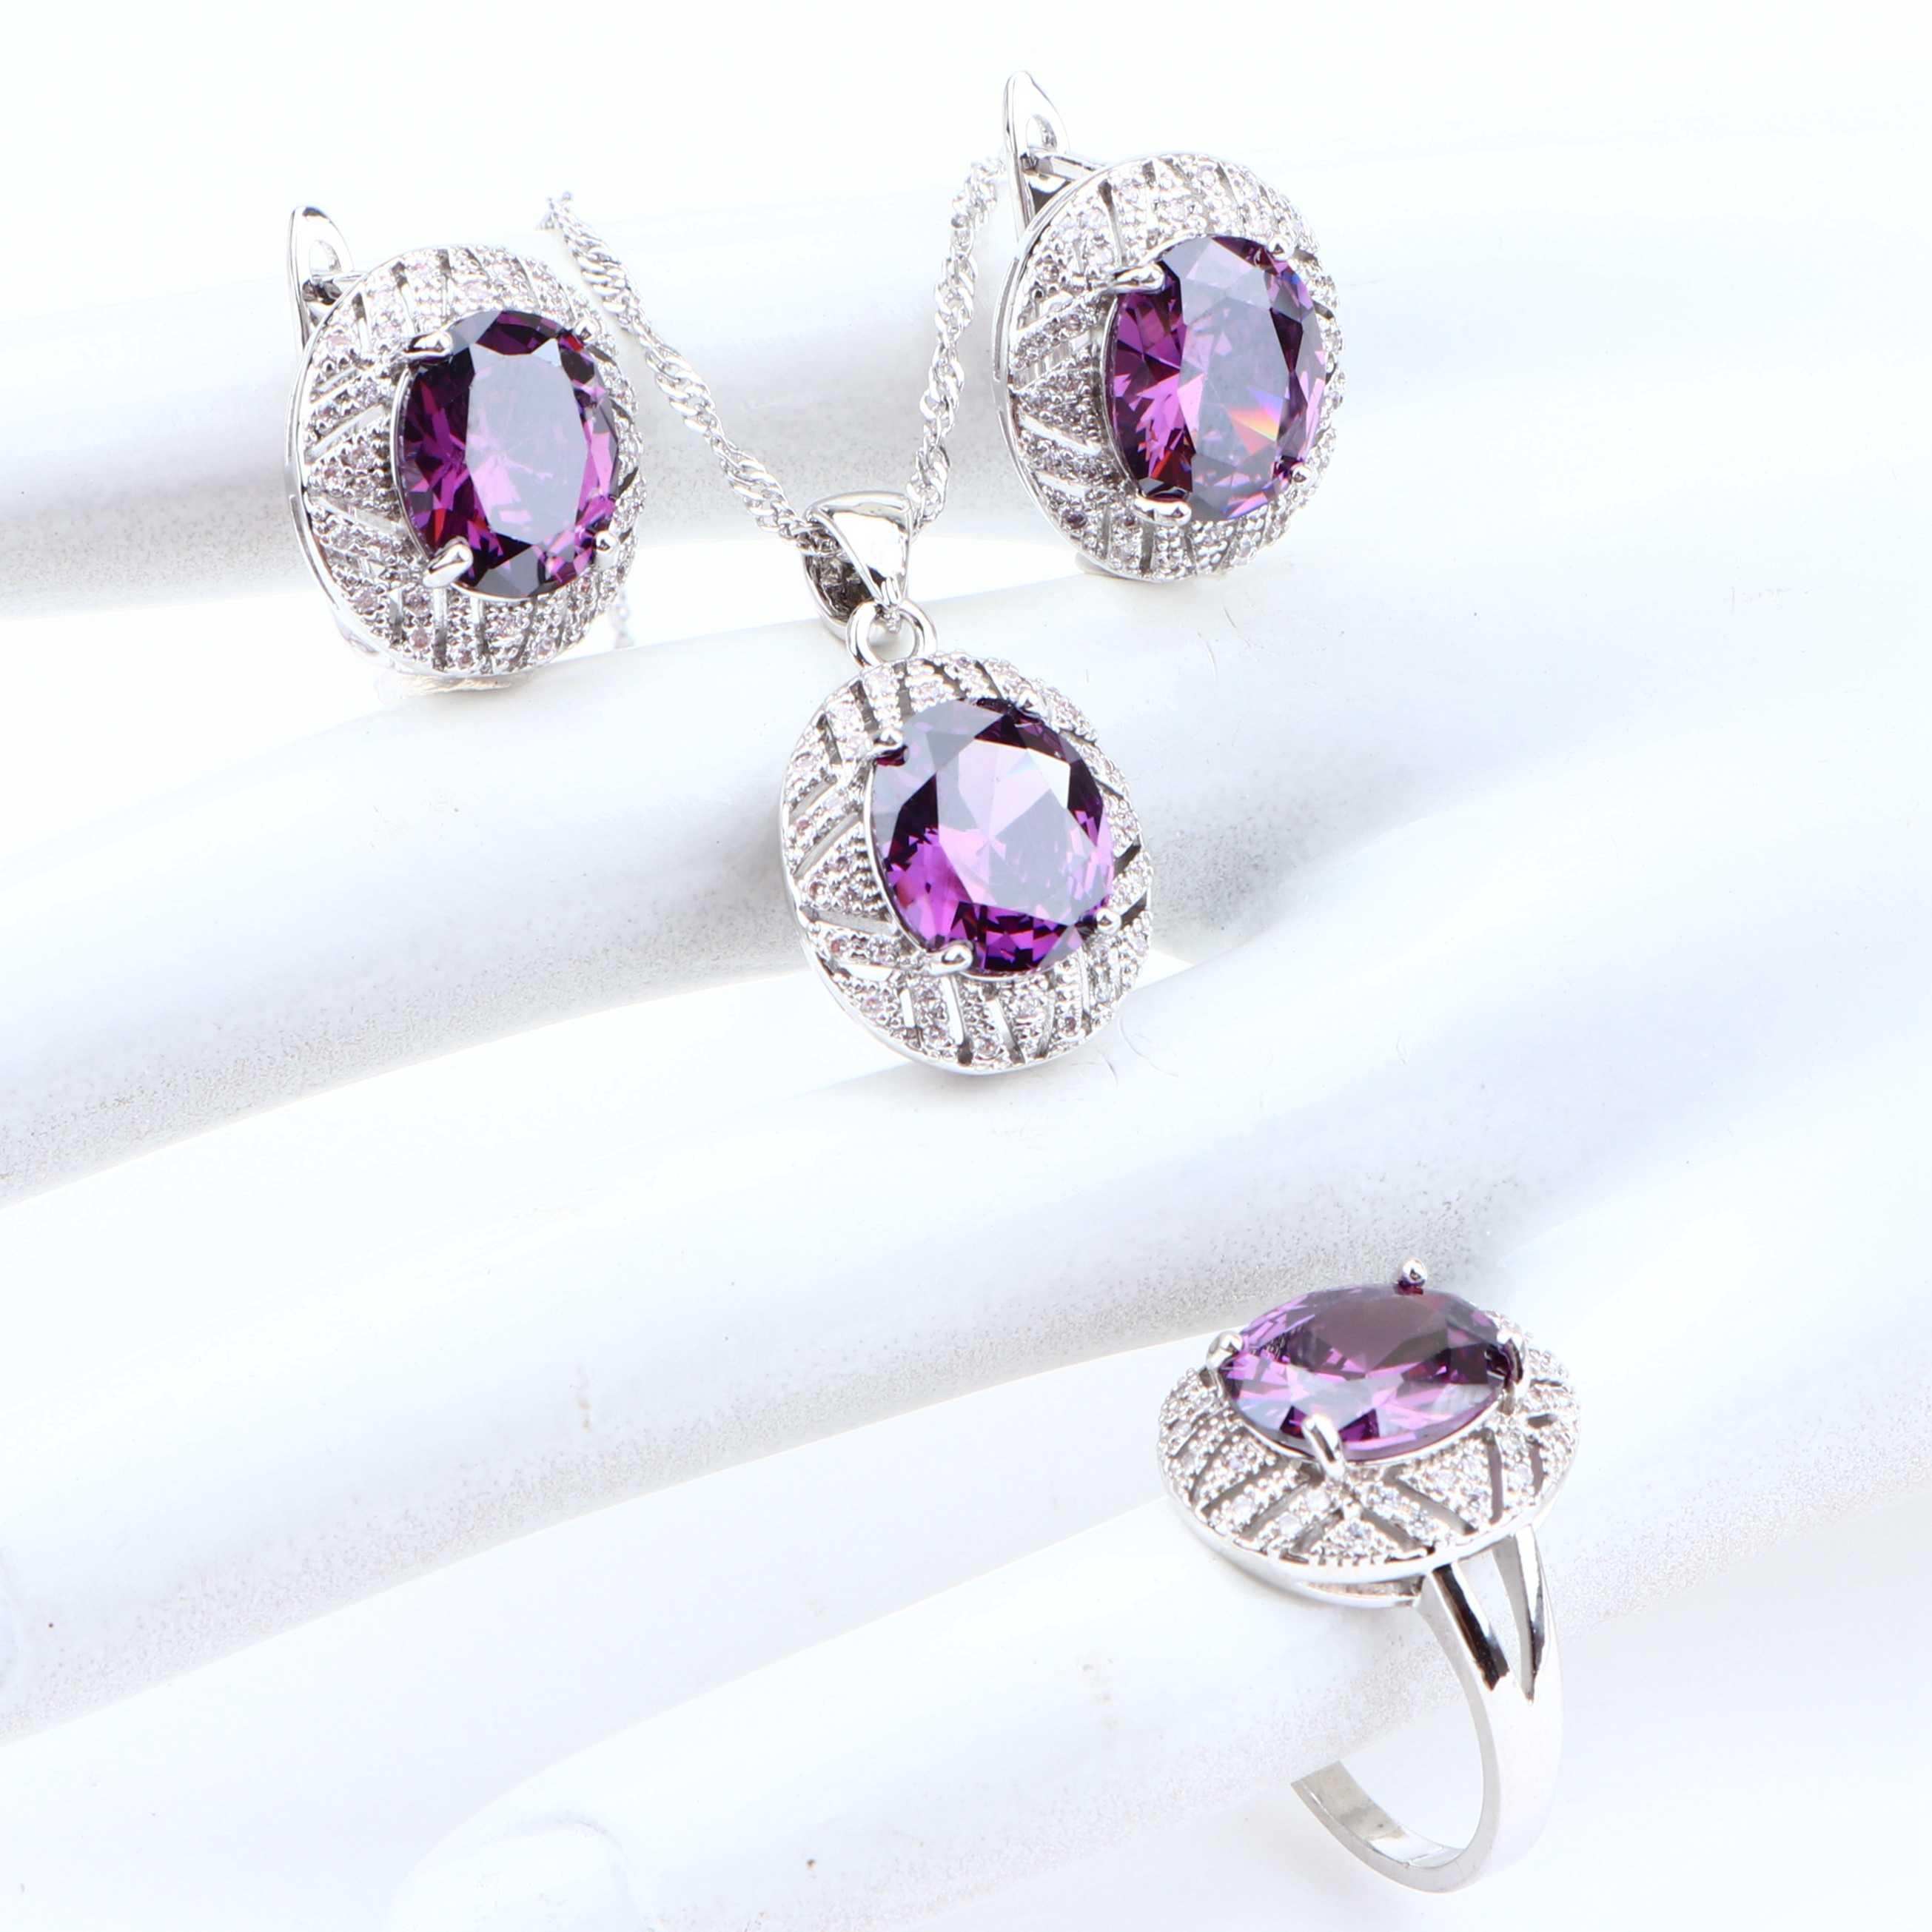 Mariage argent 925 ensembles de bijoux violet cubique zircone boucles d'oreilles pour les femmes mariée Cosutme bijoux collier anneaux ensemble cadeaux boîte